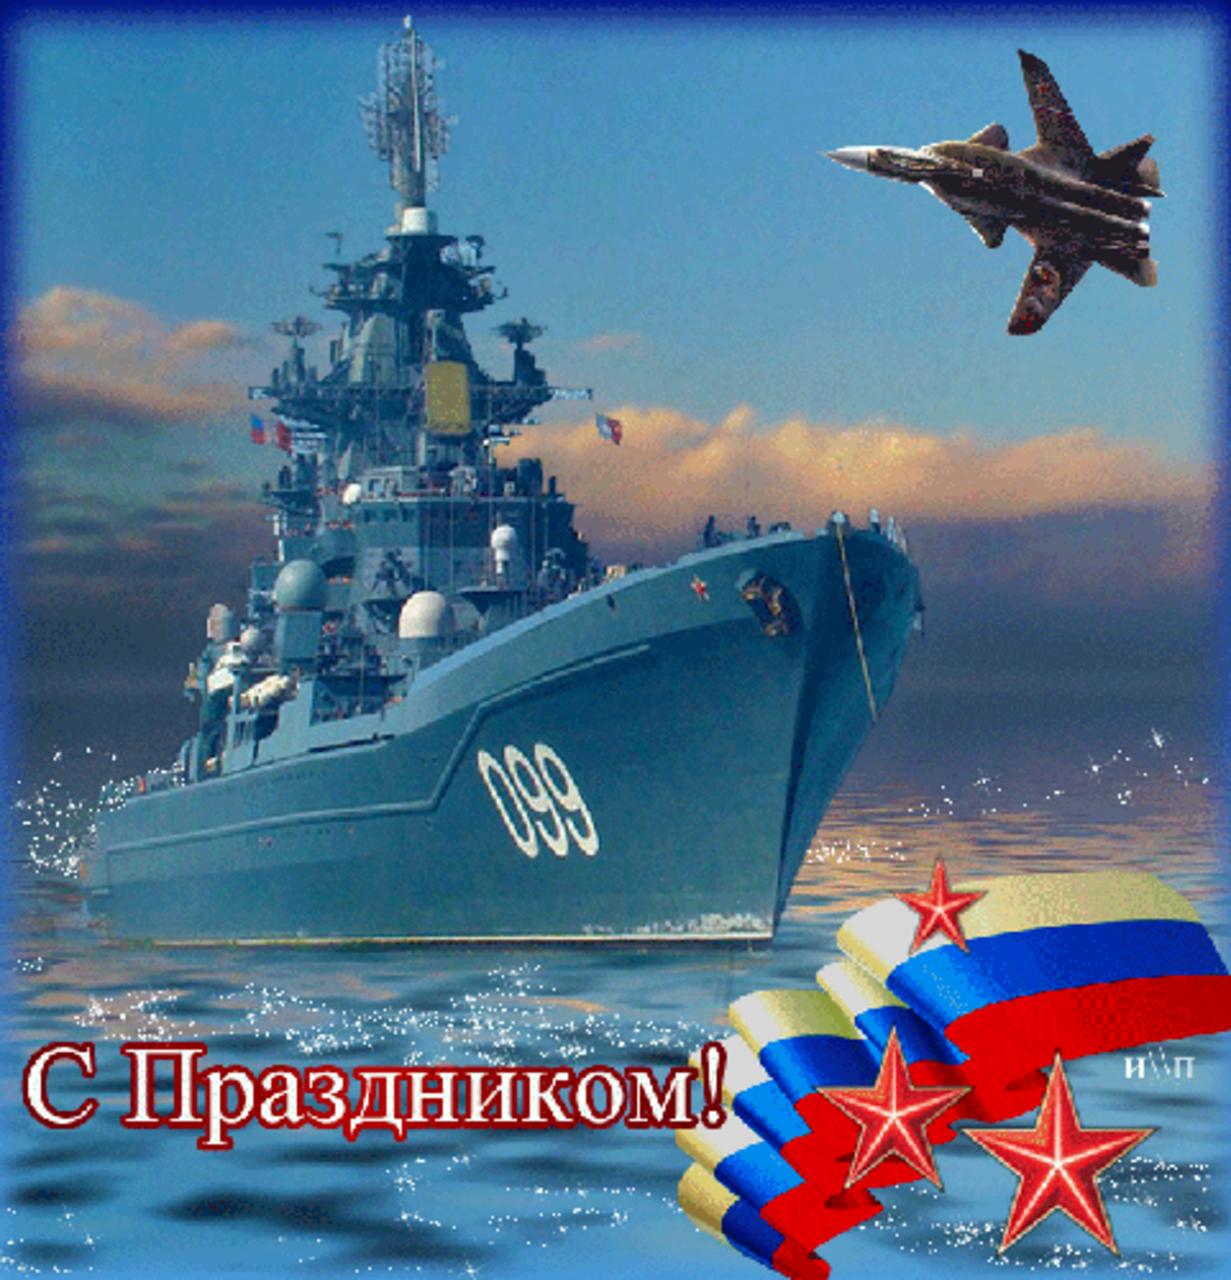 Картинки 23 февраля корабль, открытки своими руками